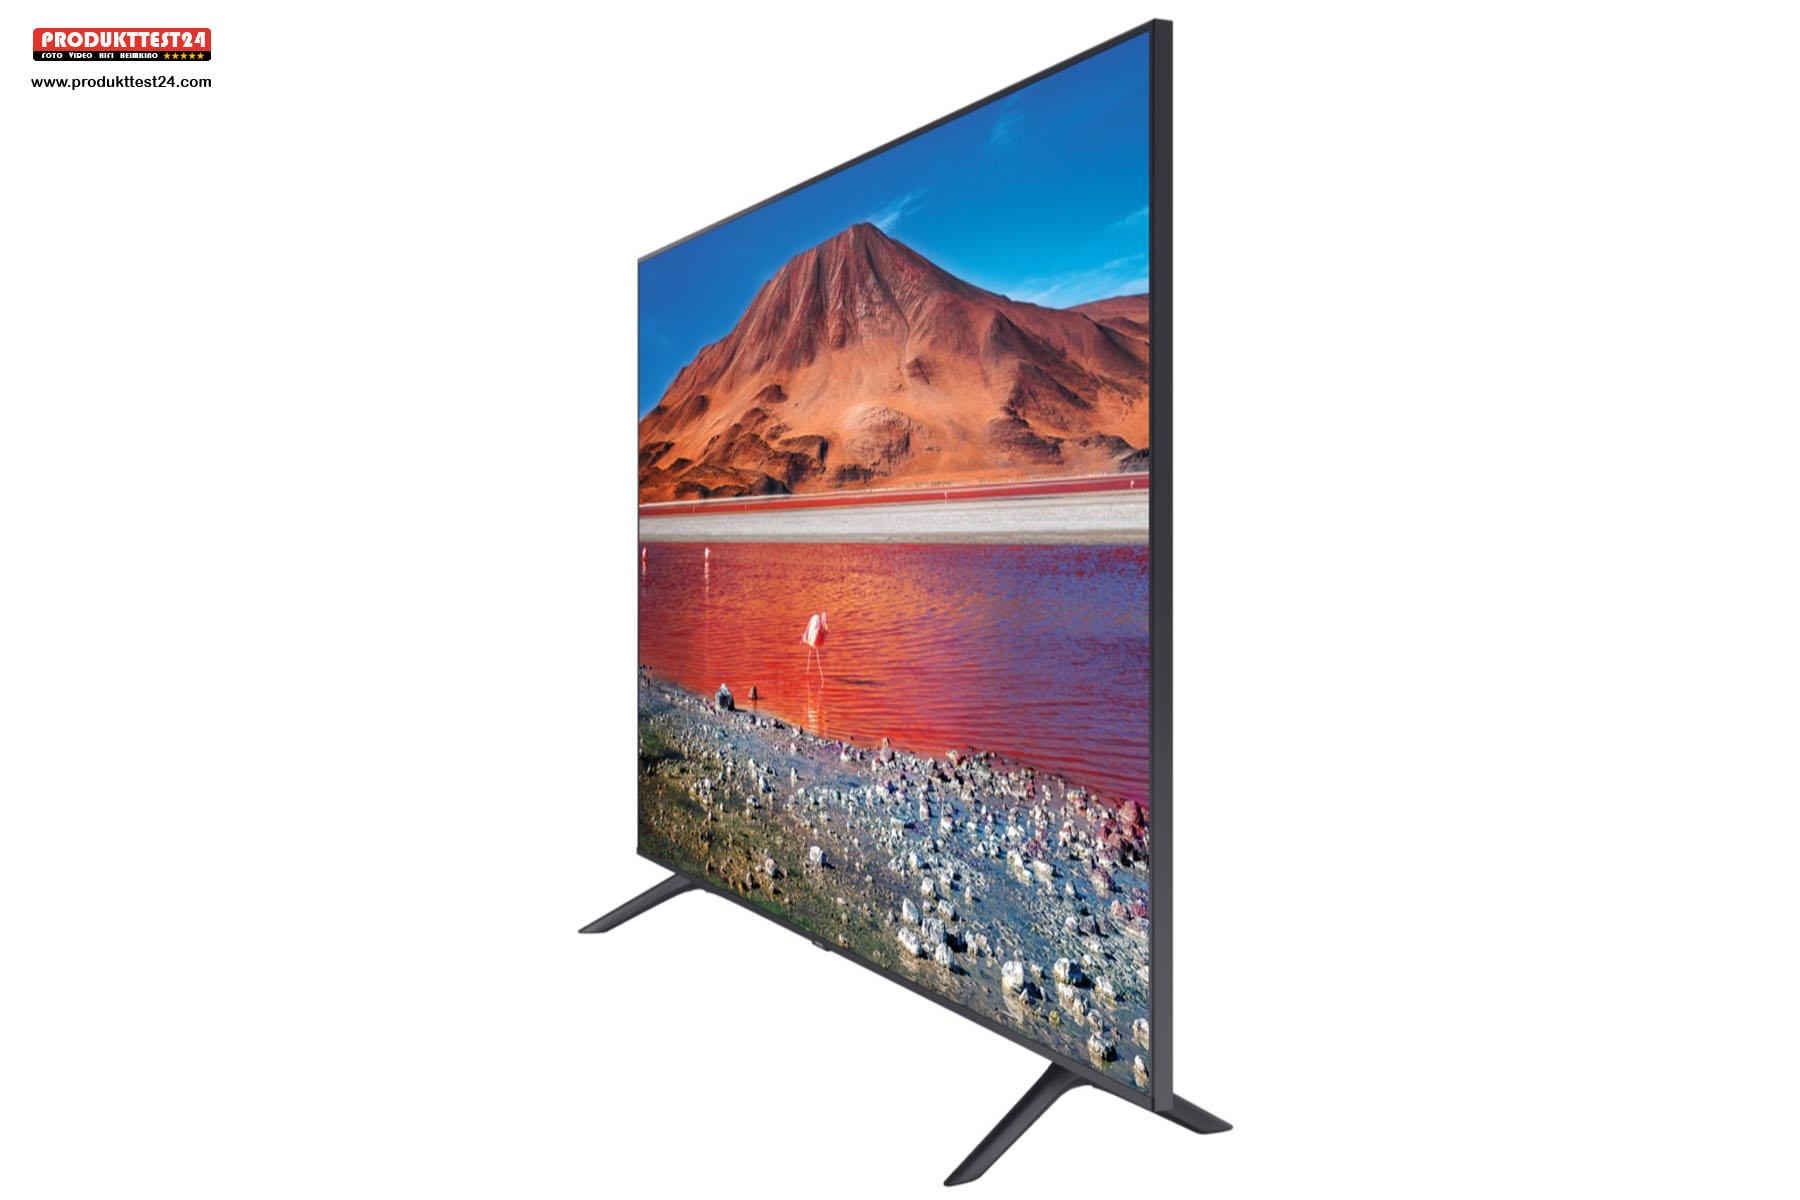 189 cm Bilddiagonale, 4K-Auflösung und HDR10 Unterstützung